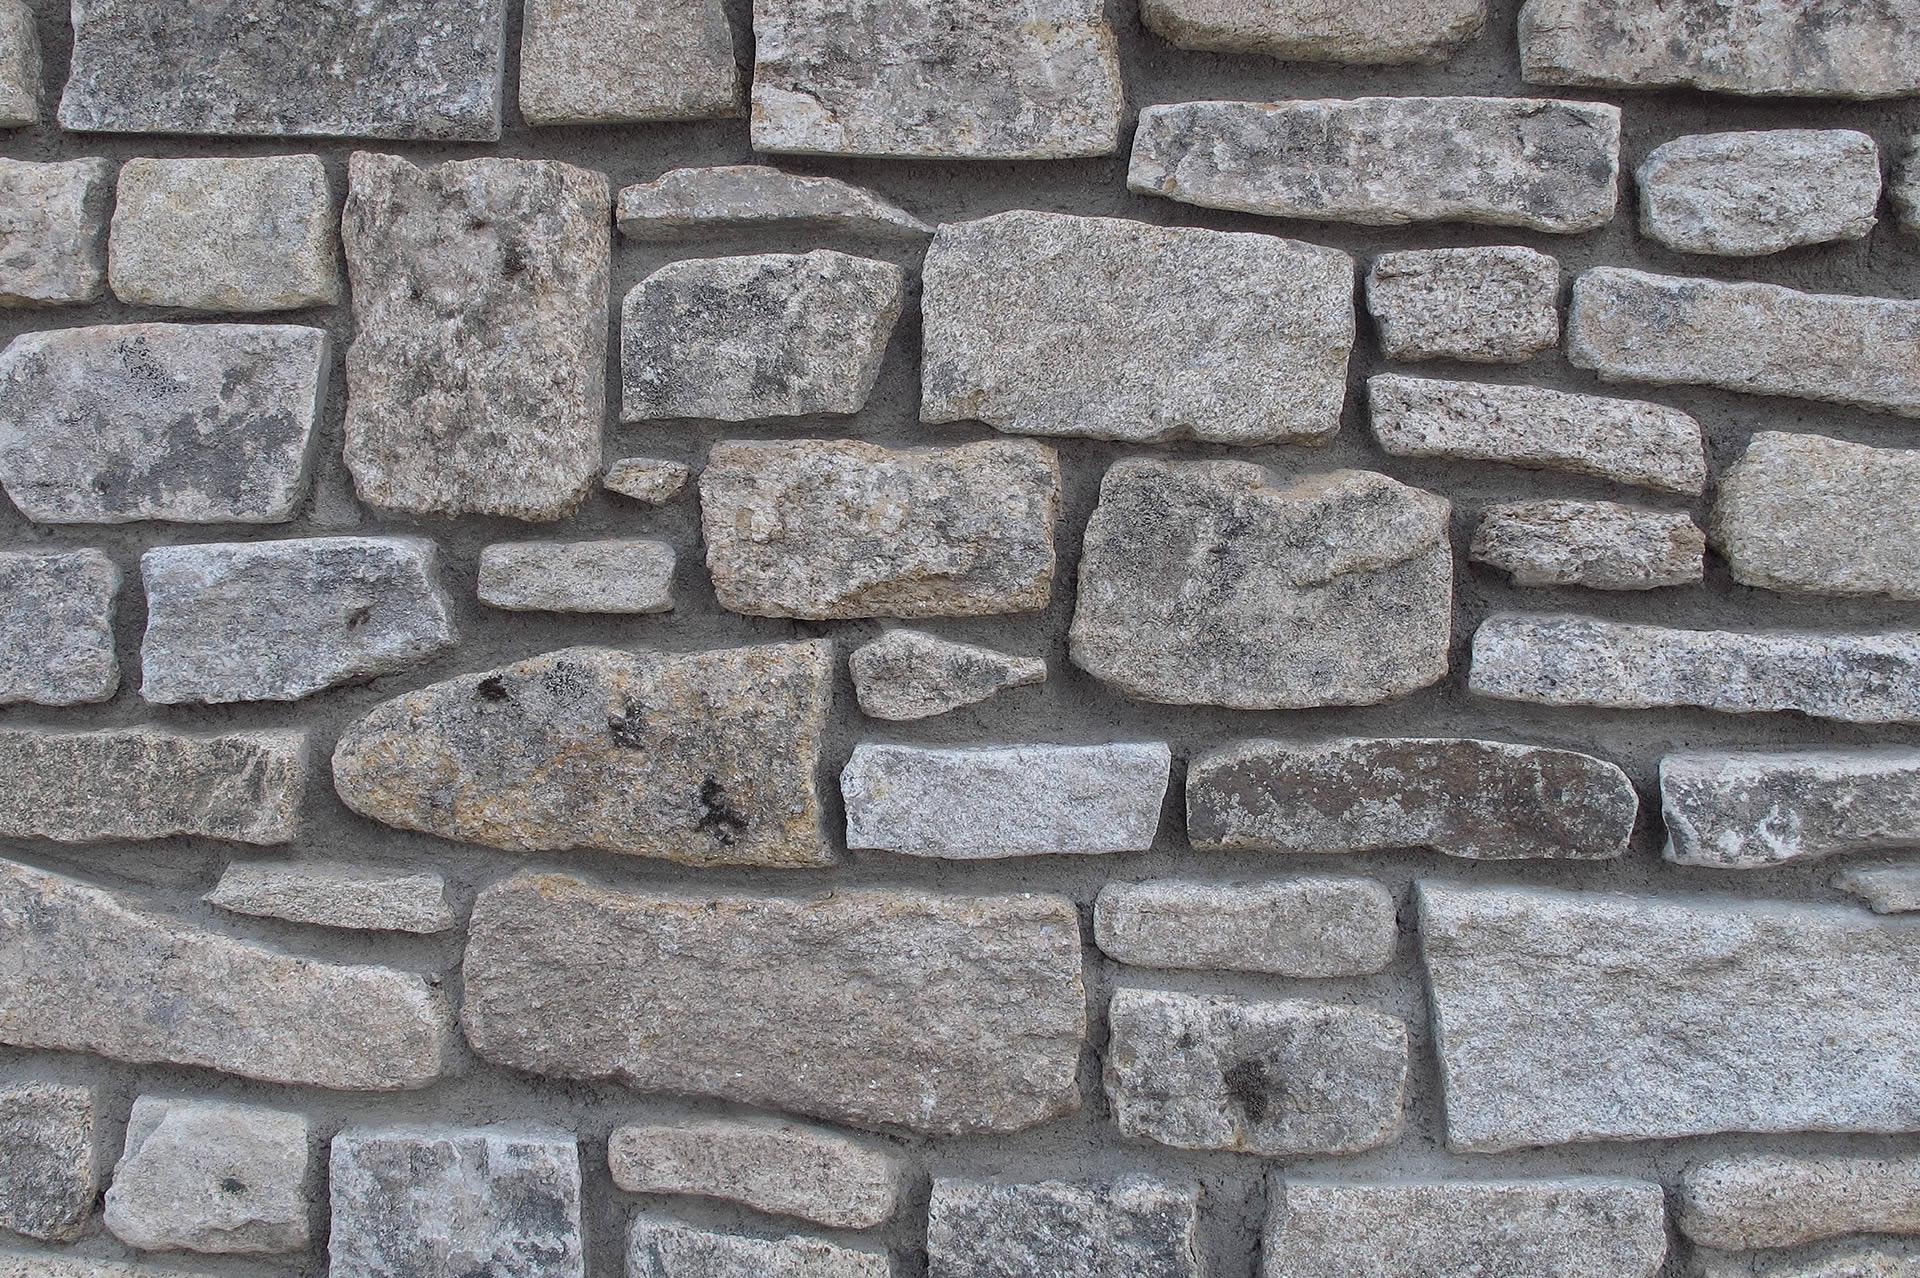 Muro de piedra vieja junta rehundida arteroca - Muros de piedra ...